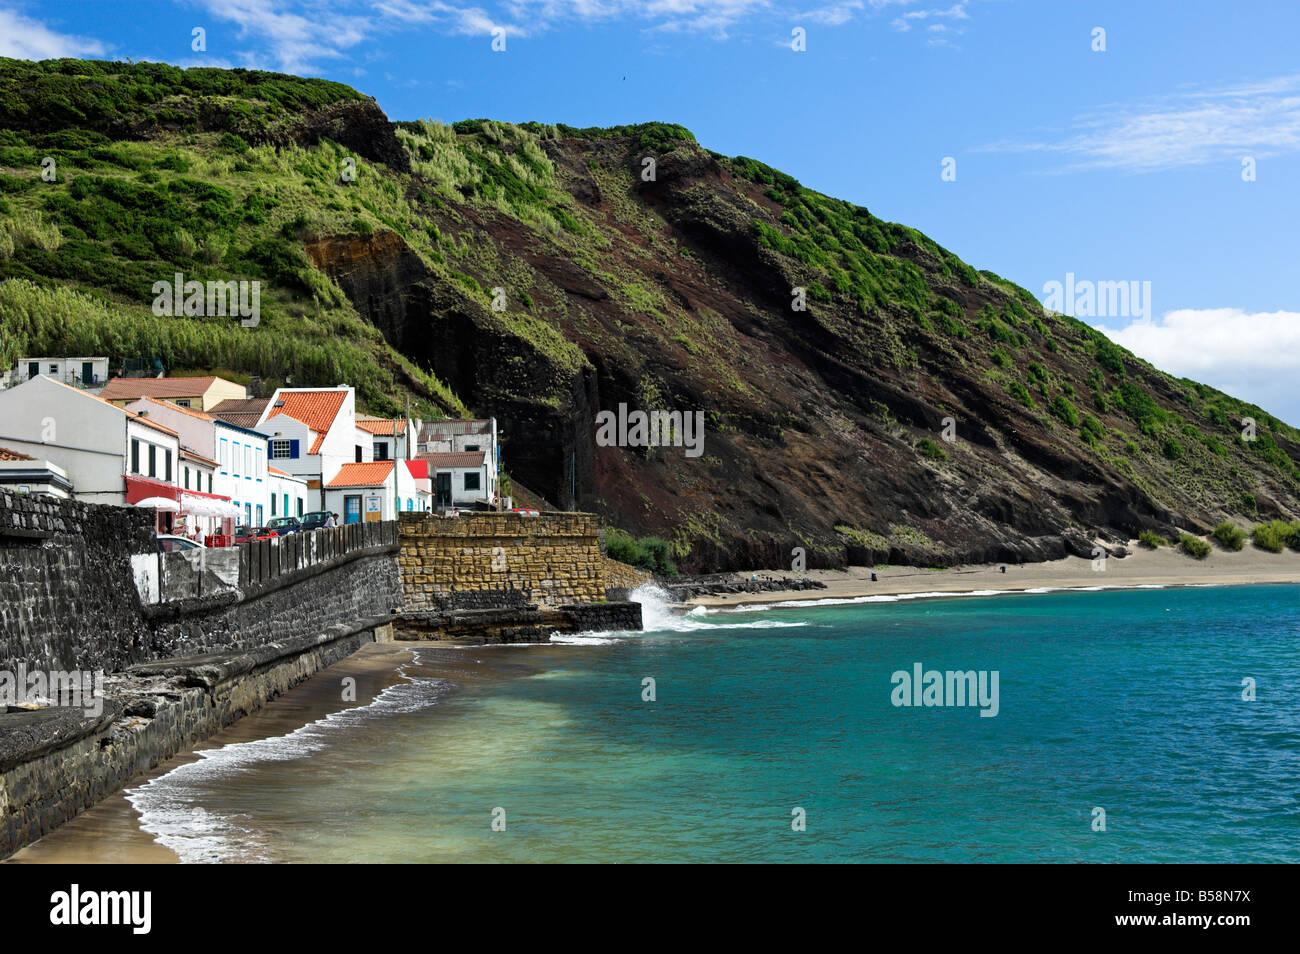 Porto Pim Bucht Mit Strand Hauser Und Vulkanischen Hugel Horta Auf